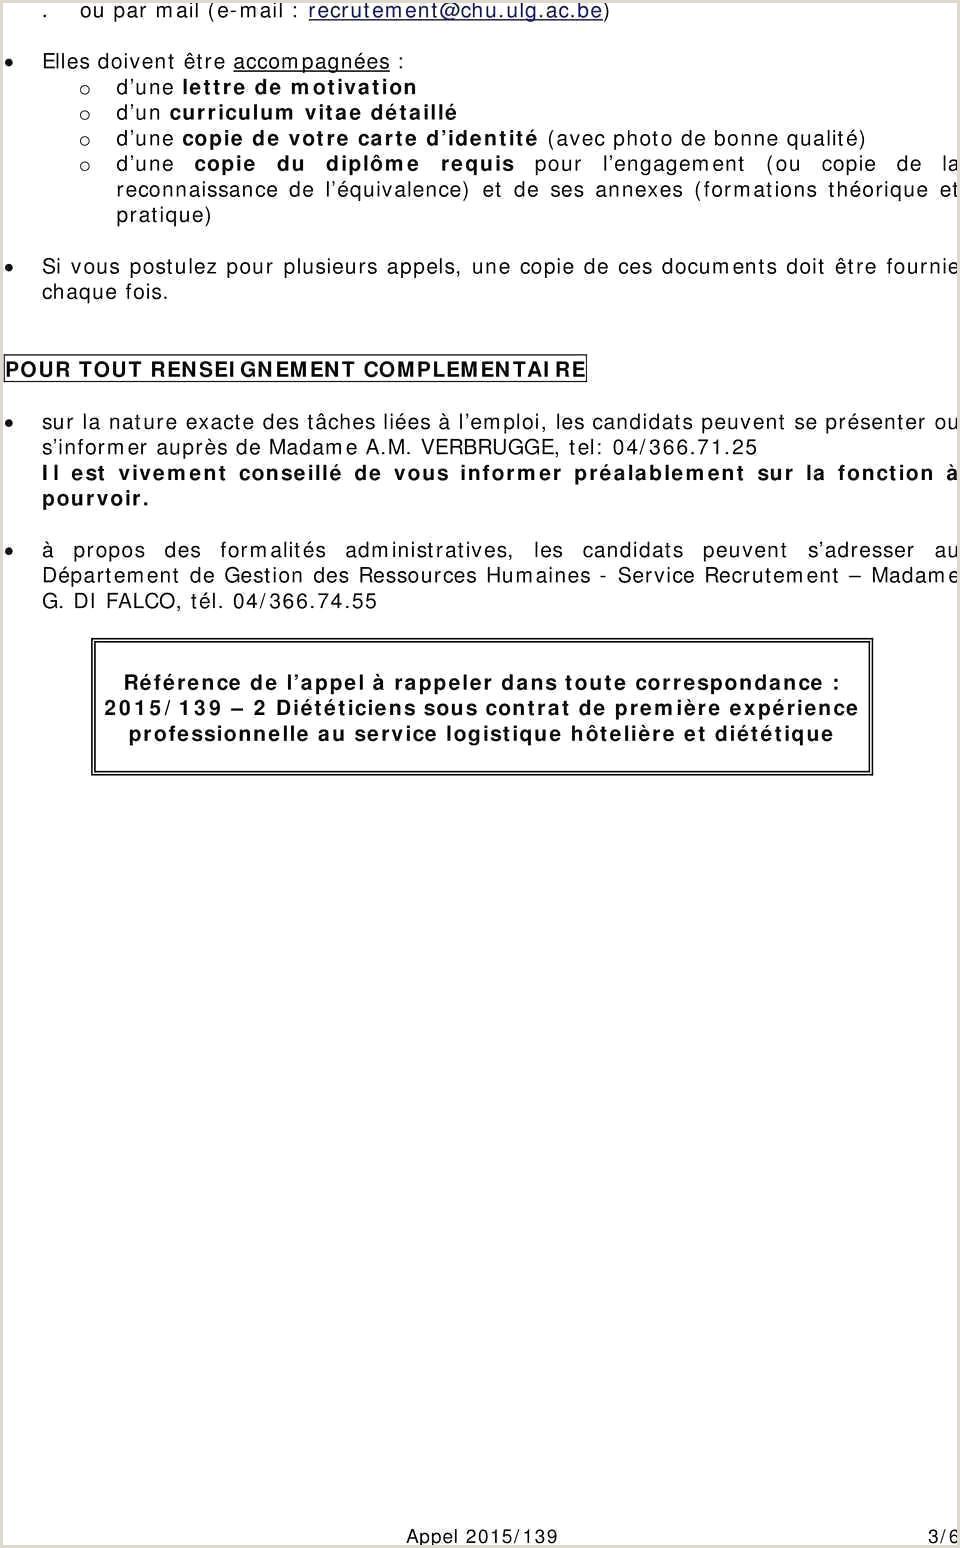 Cv Technicien De Laboratoire Microbiologie Nouveau Cv